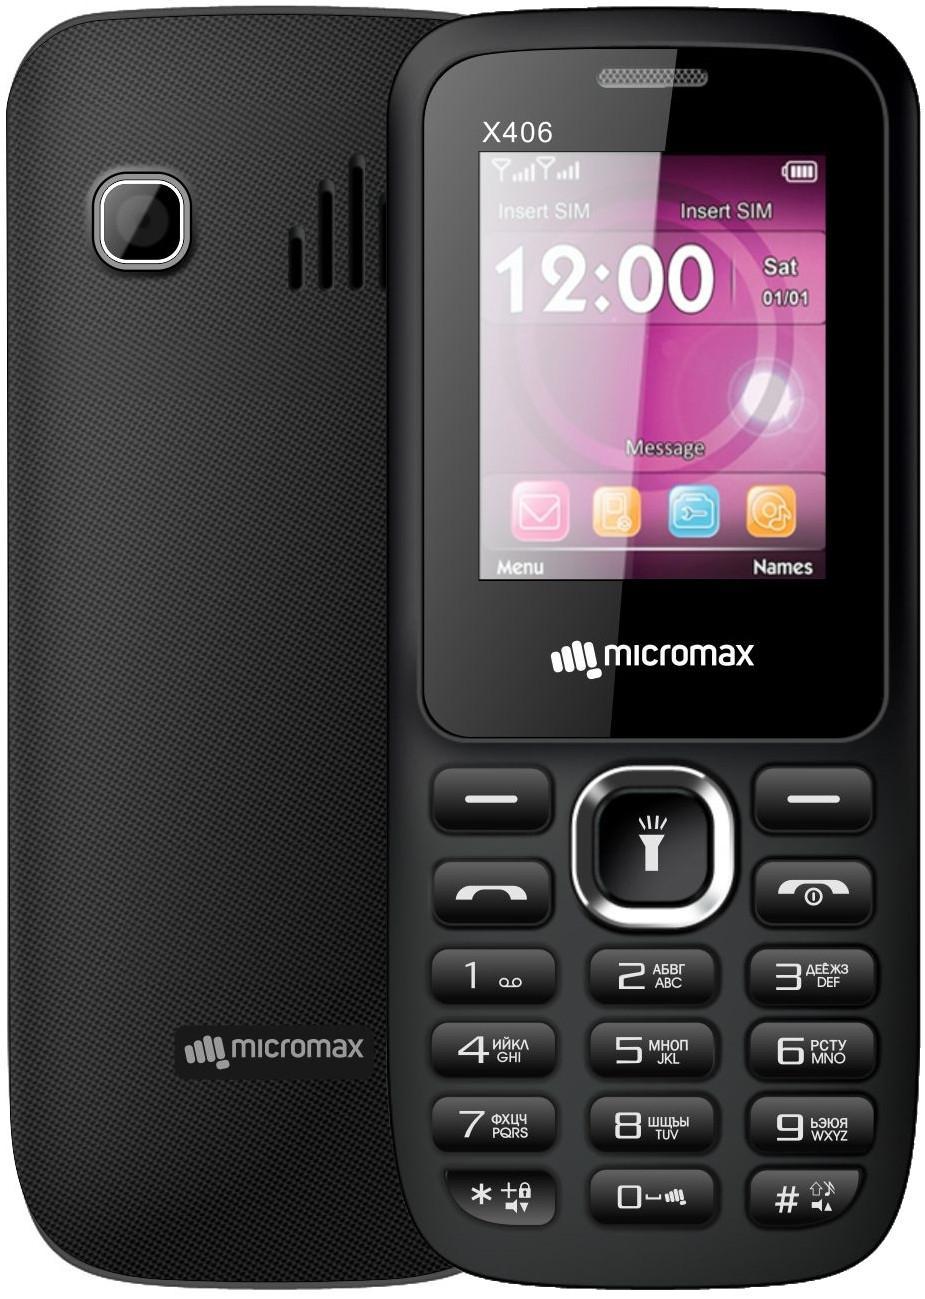 Micromax X406. Позвонить, сфотографировать и немного посидеть в интернете